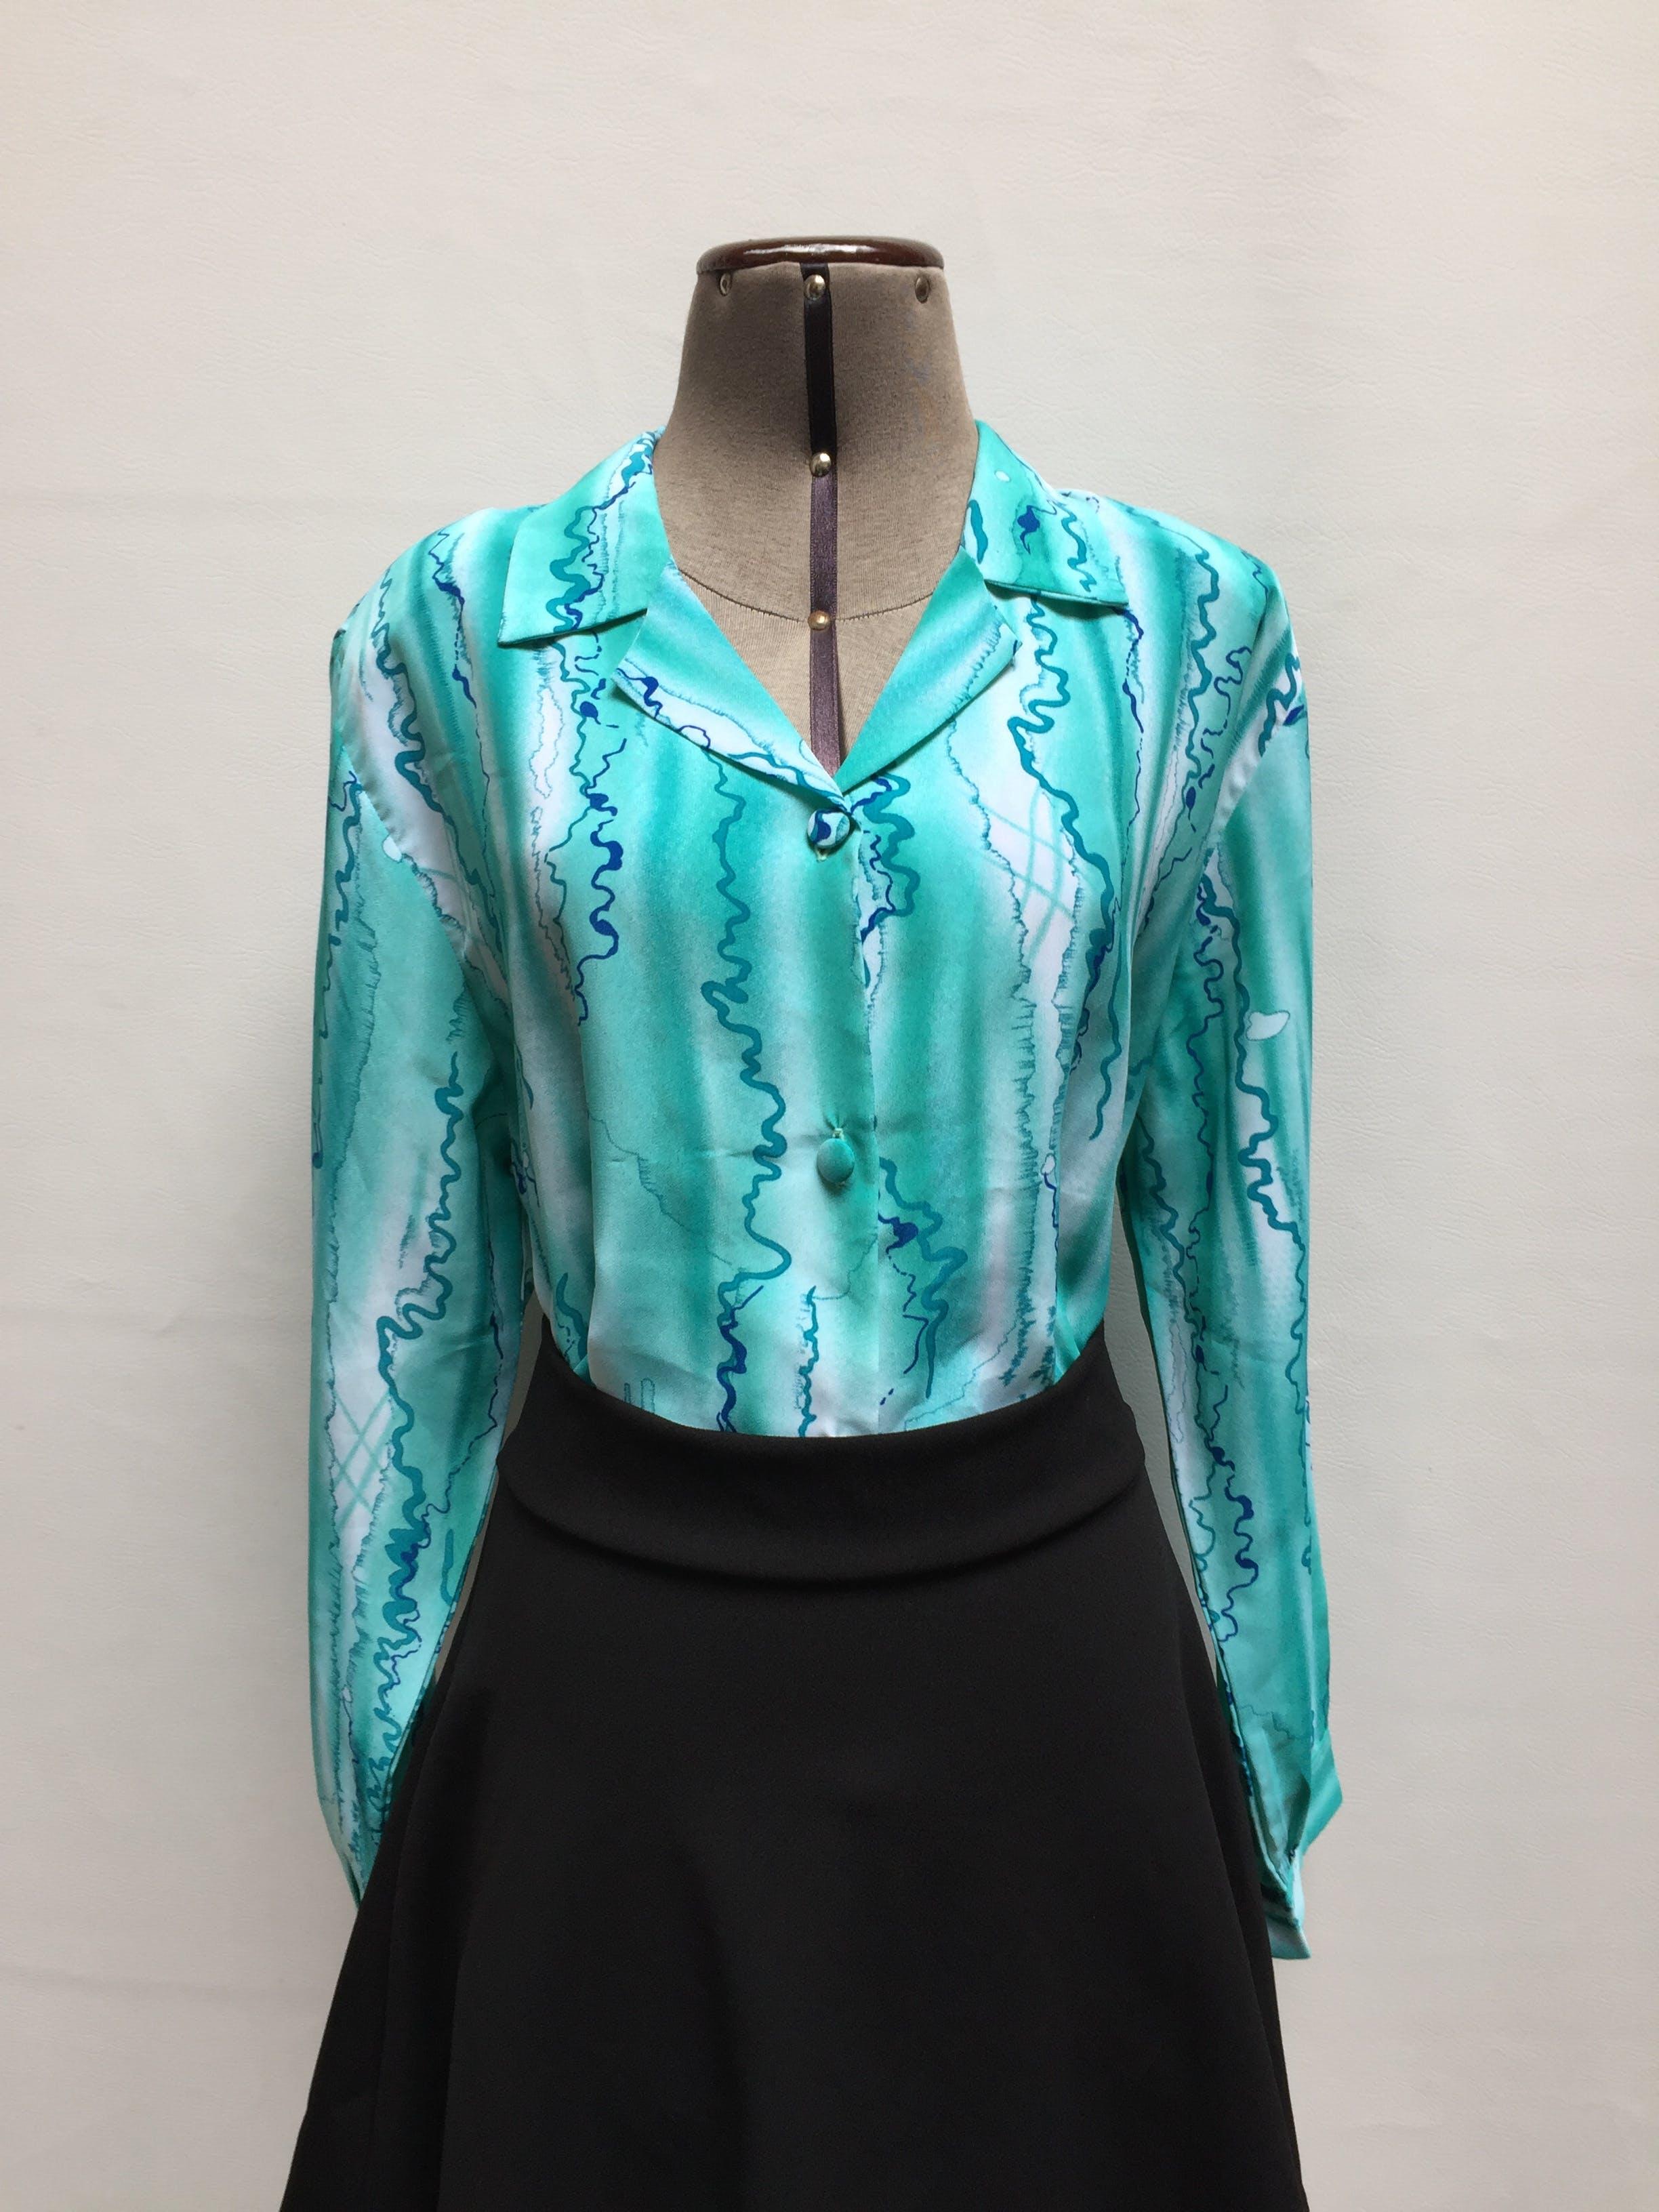 Blusa de gasa con estampado turquesa y blanco, cuello camisero con fila de botones Talla XL